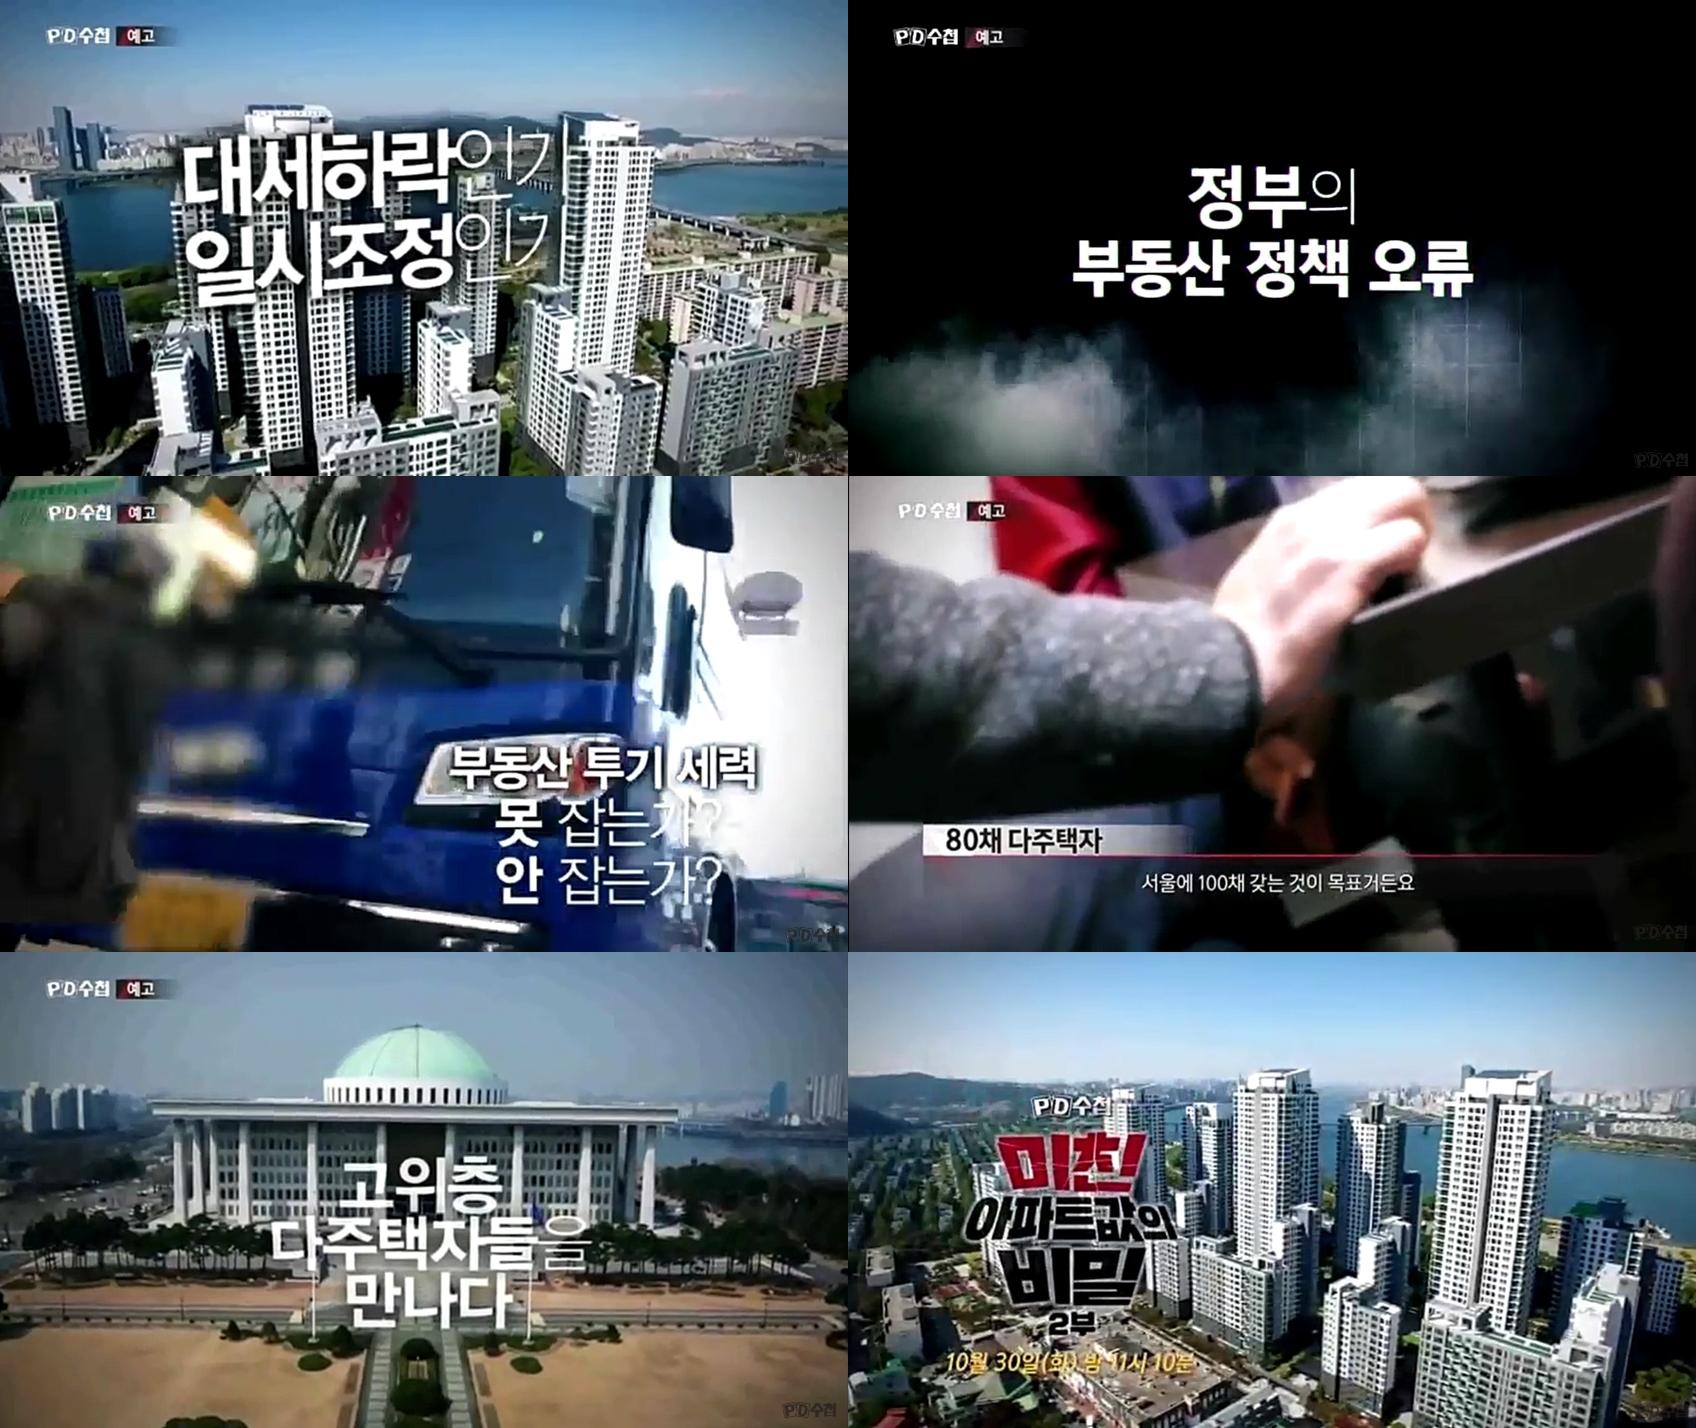 'PD수첩' 뛰는 정부 대책 위 나는 집값! 오늘(30일) '미친 아파트 값의 비밀' 2부 방송